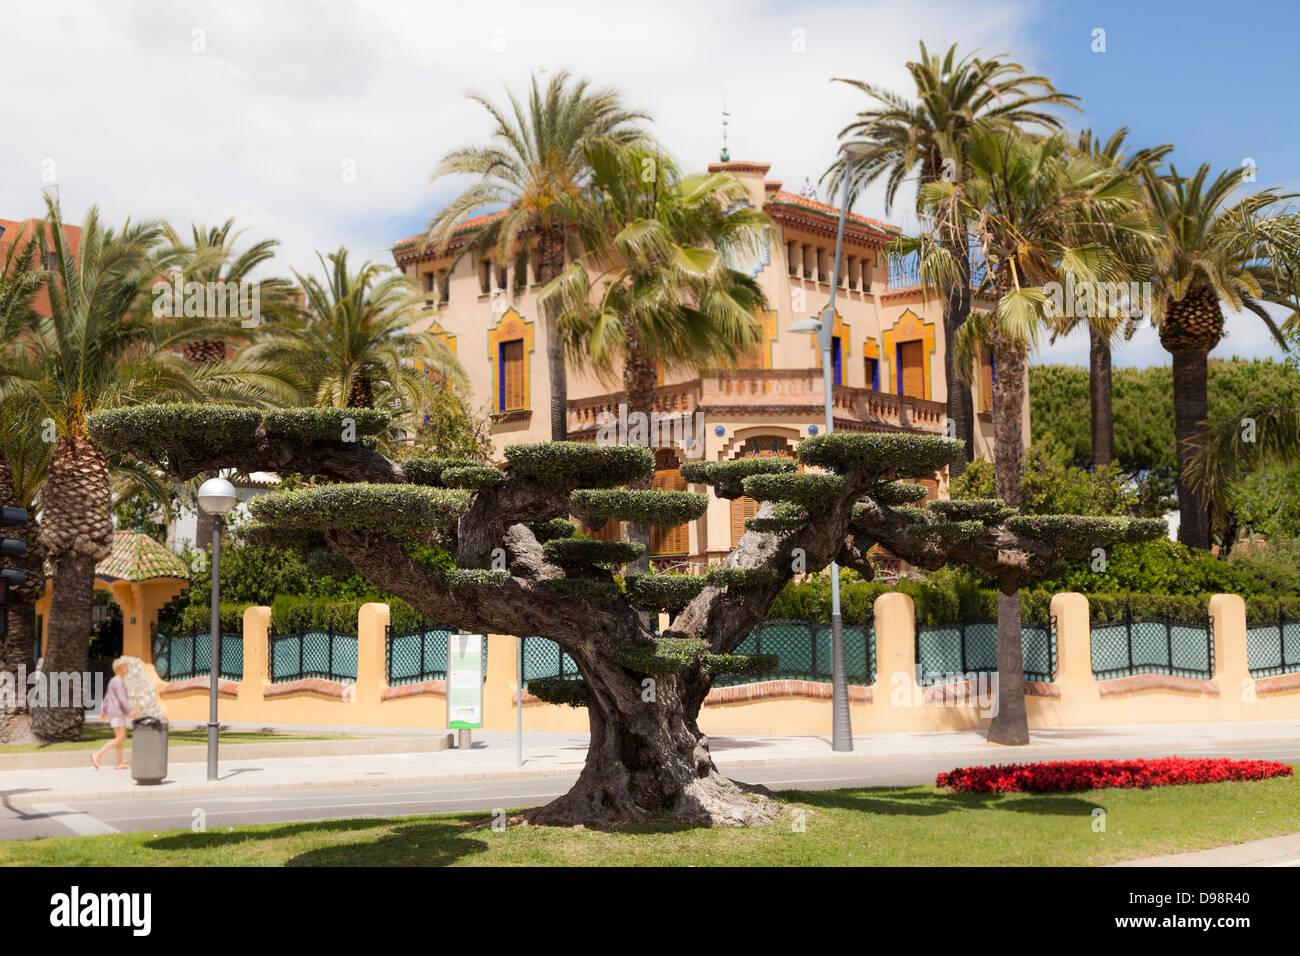 Topiaria da albero e xalet bonet costruito da Ciriac Bonet tarda architettura modernista a Salou in Spagna Immagini Stock